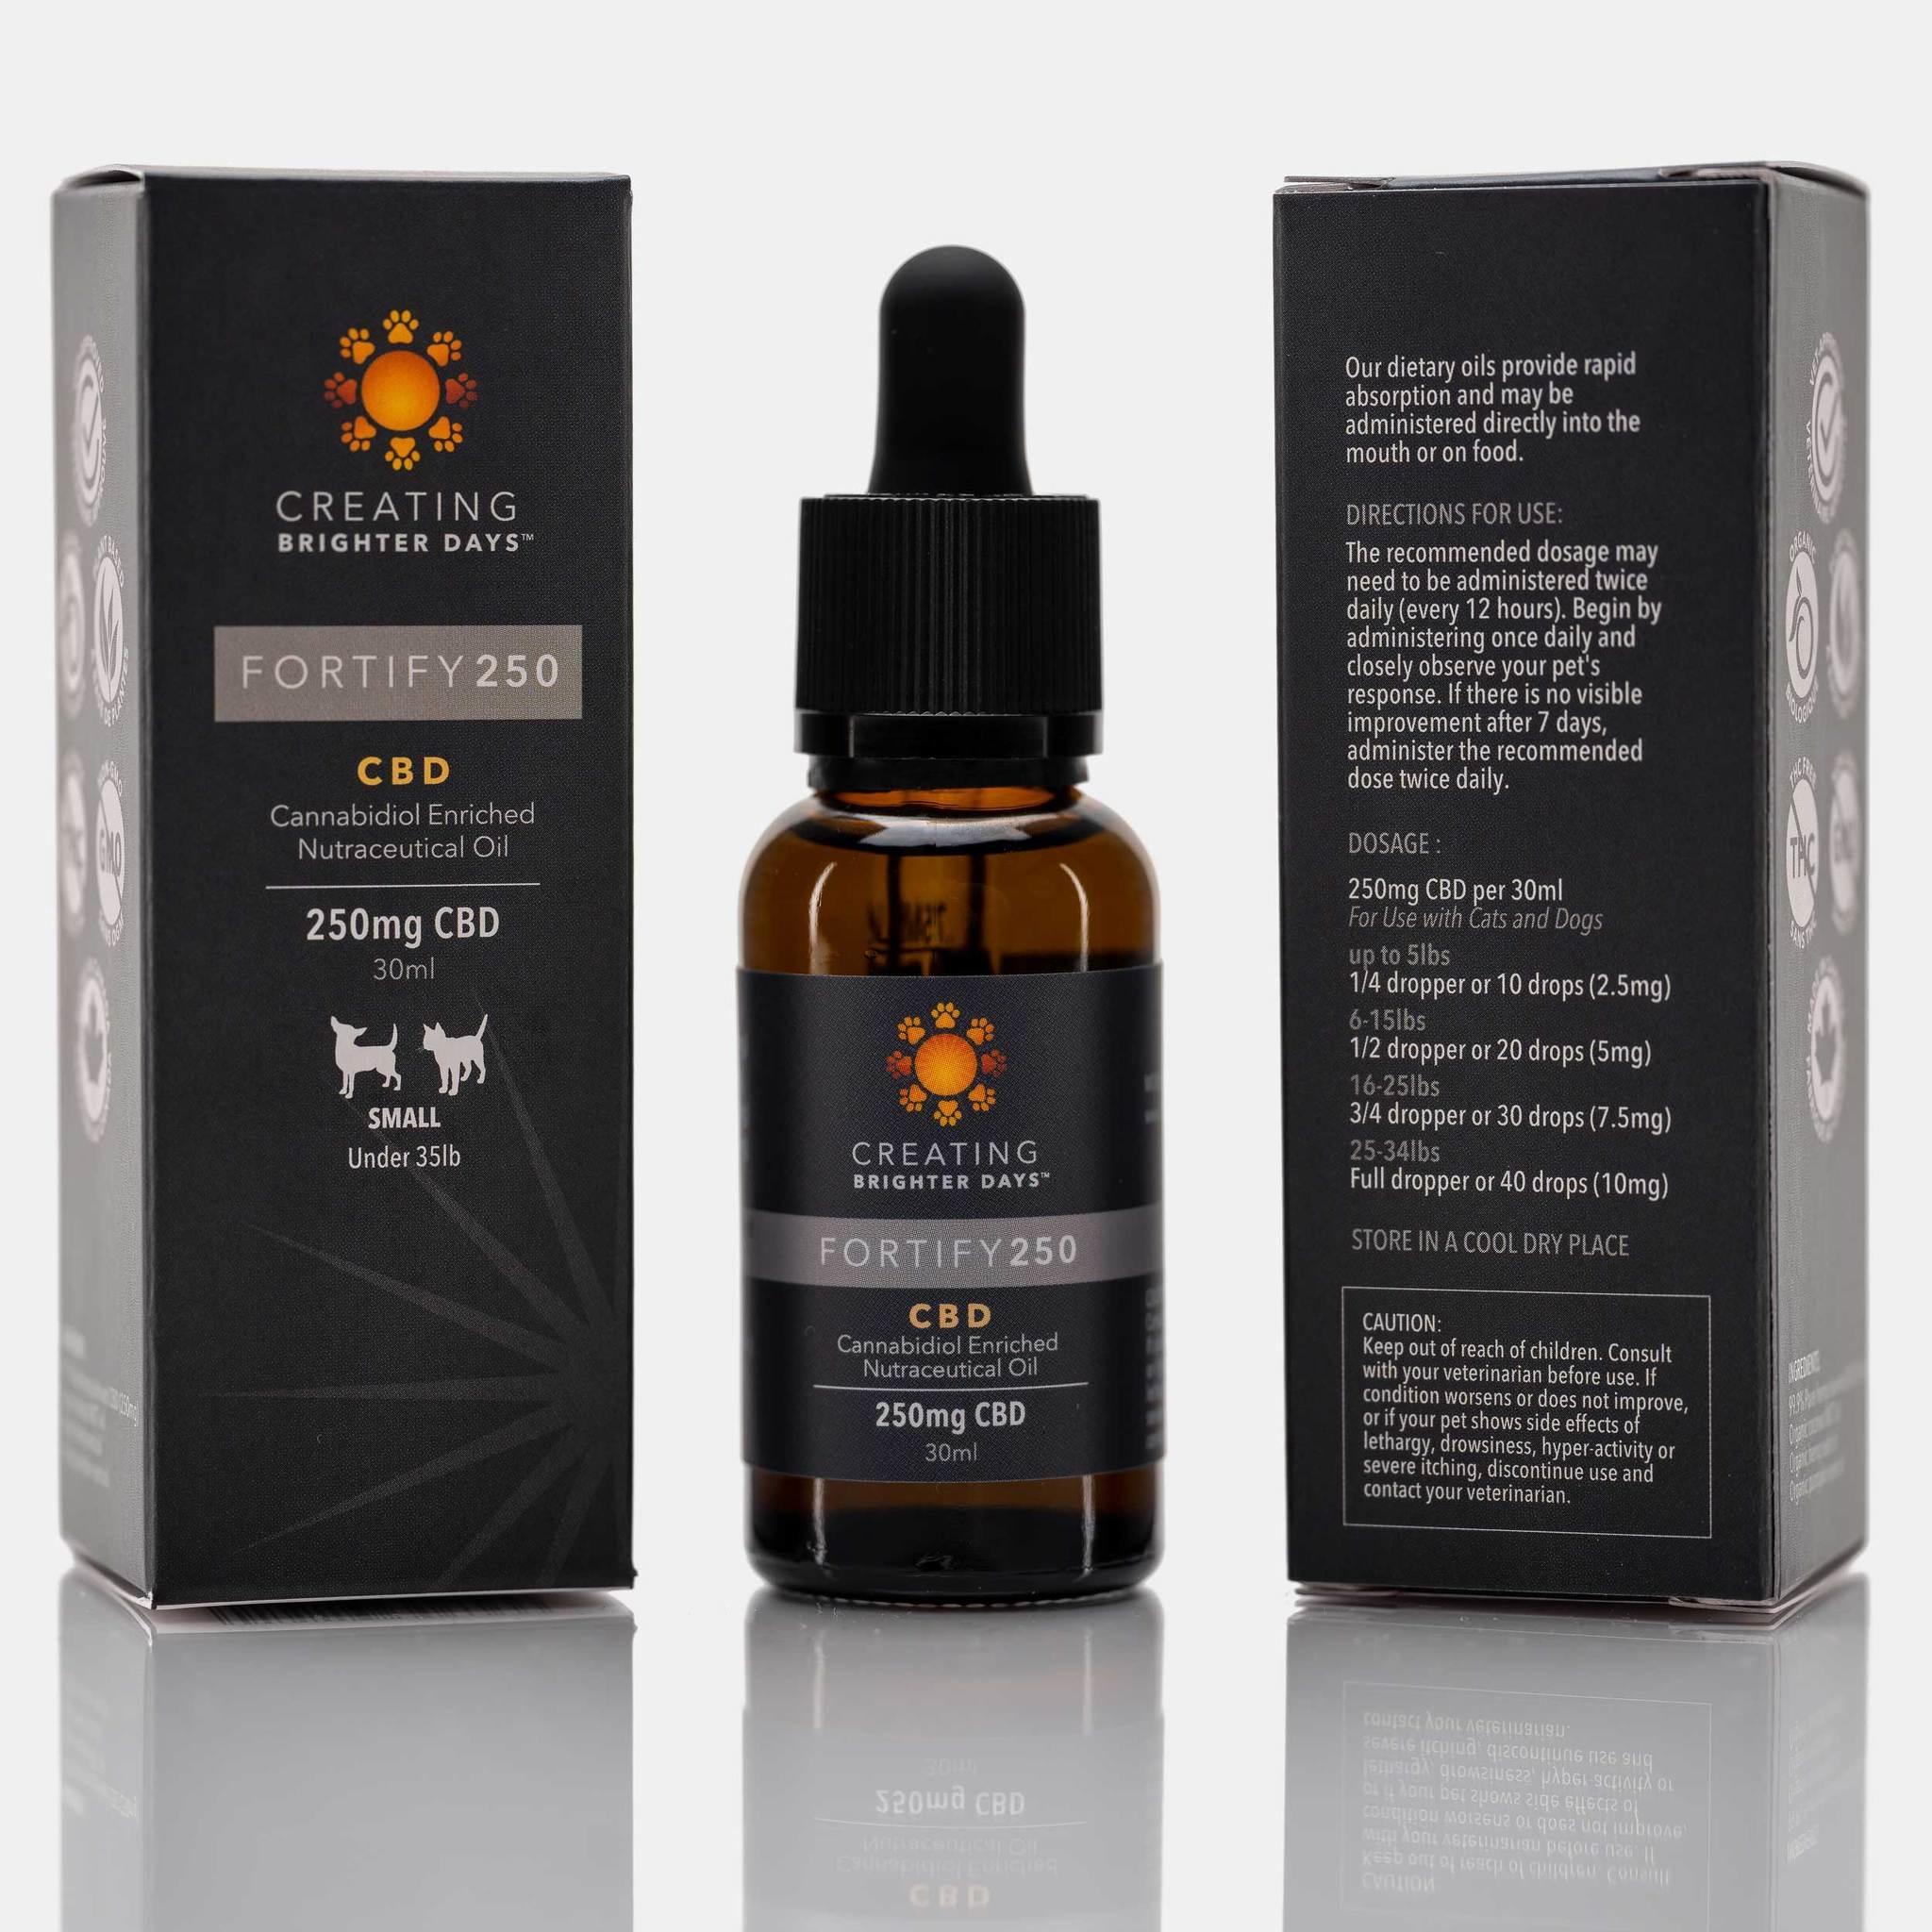 Creating Brighter Days Creating Brighter Days - Fortify 250 CBD Oil 30ml Bottle